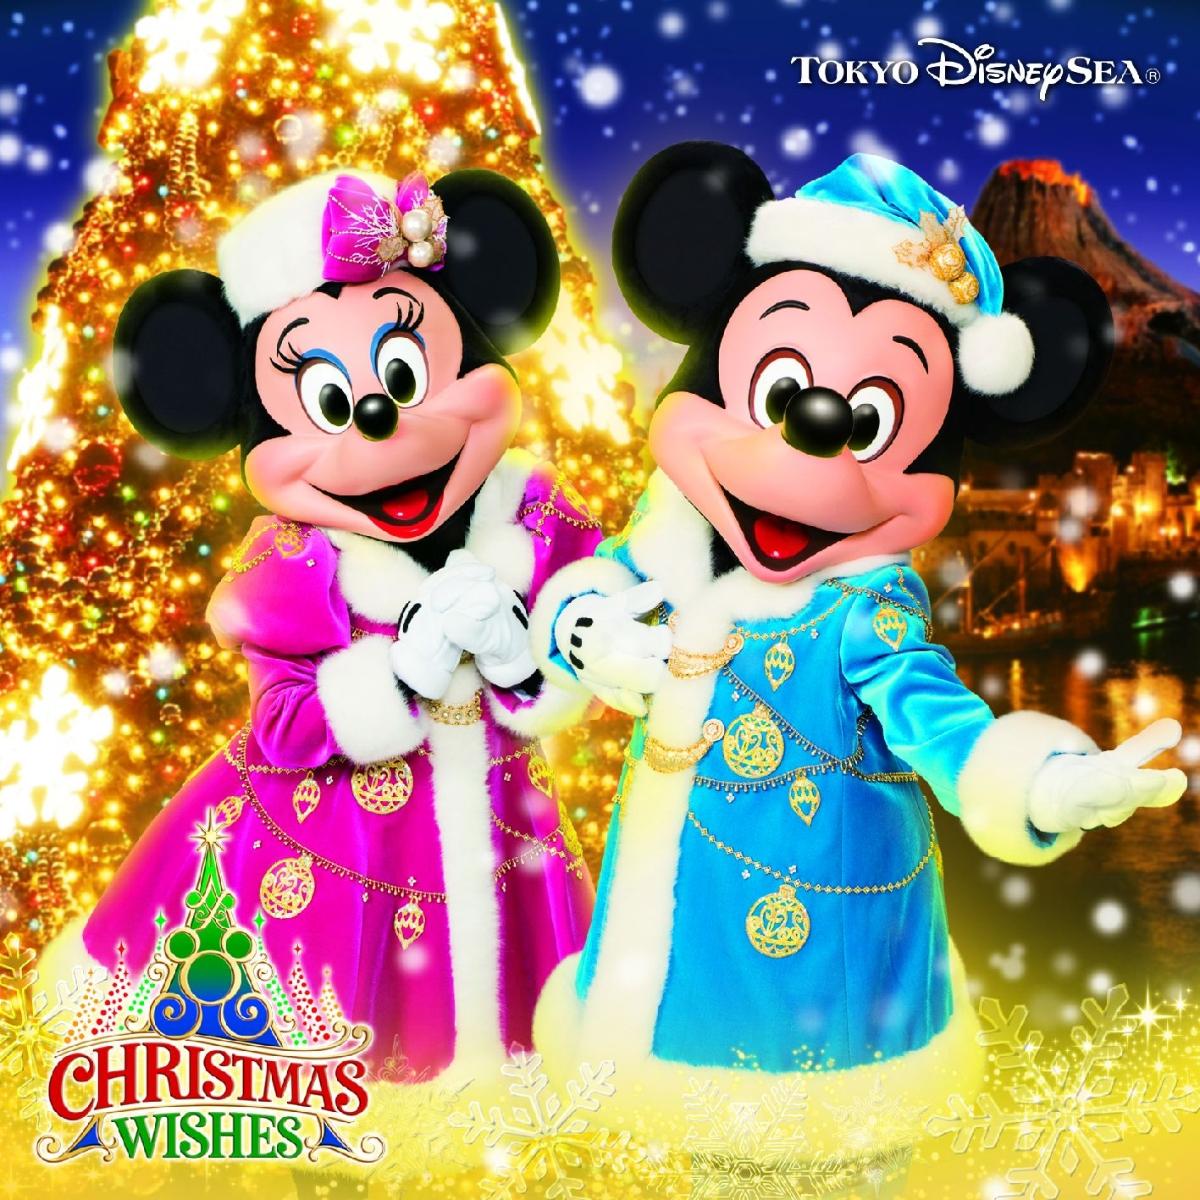 楽天ブックス: 東京ディズニーシー クリスマス・ウィッシュ 2017